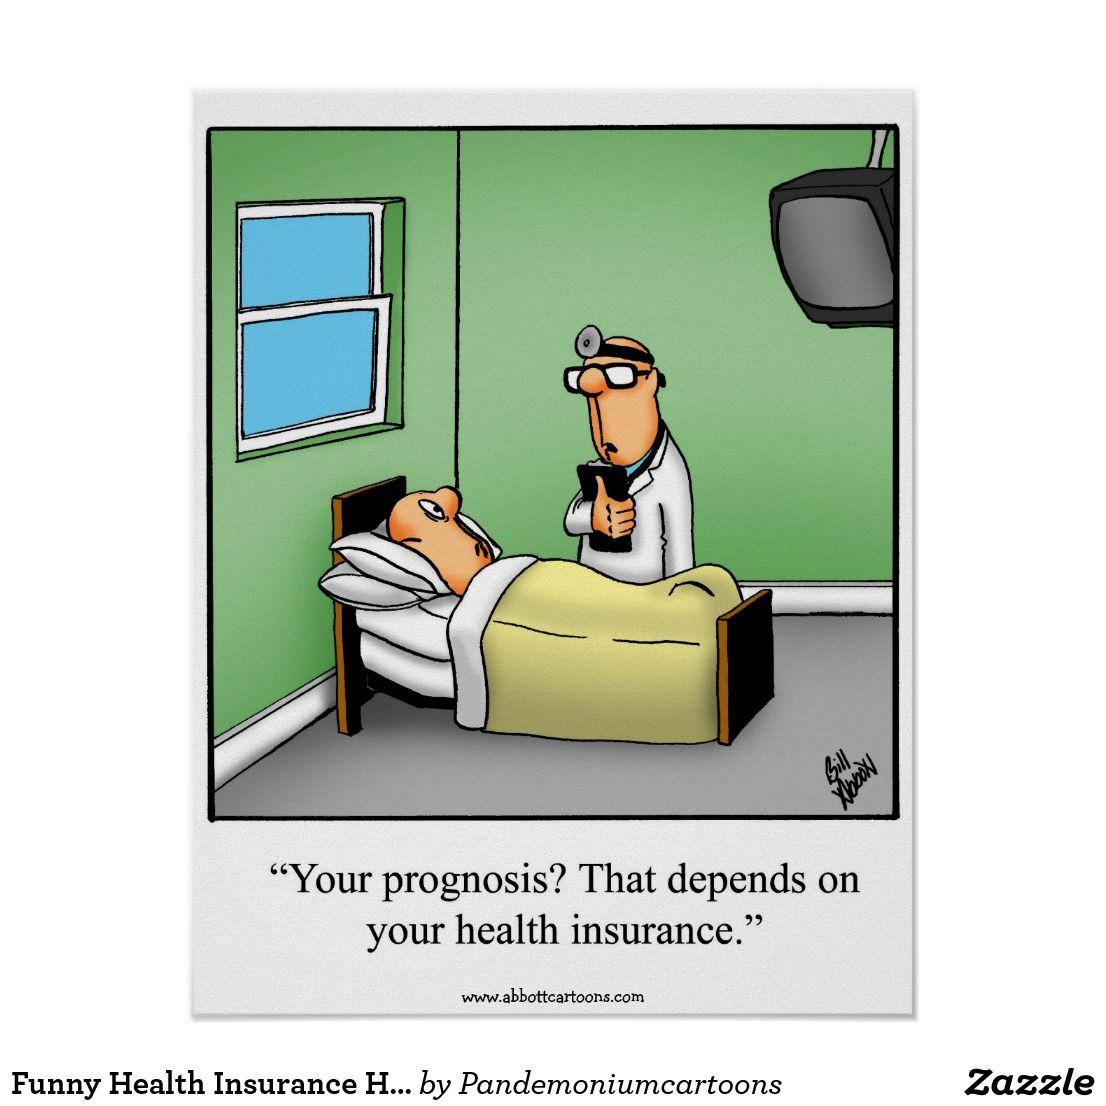 Funny Health Insurance Humor Poster Zazzle Com Health Humor Health Insurance Humor Health Insurance